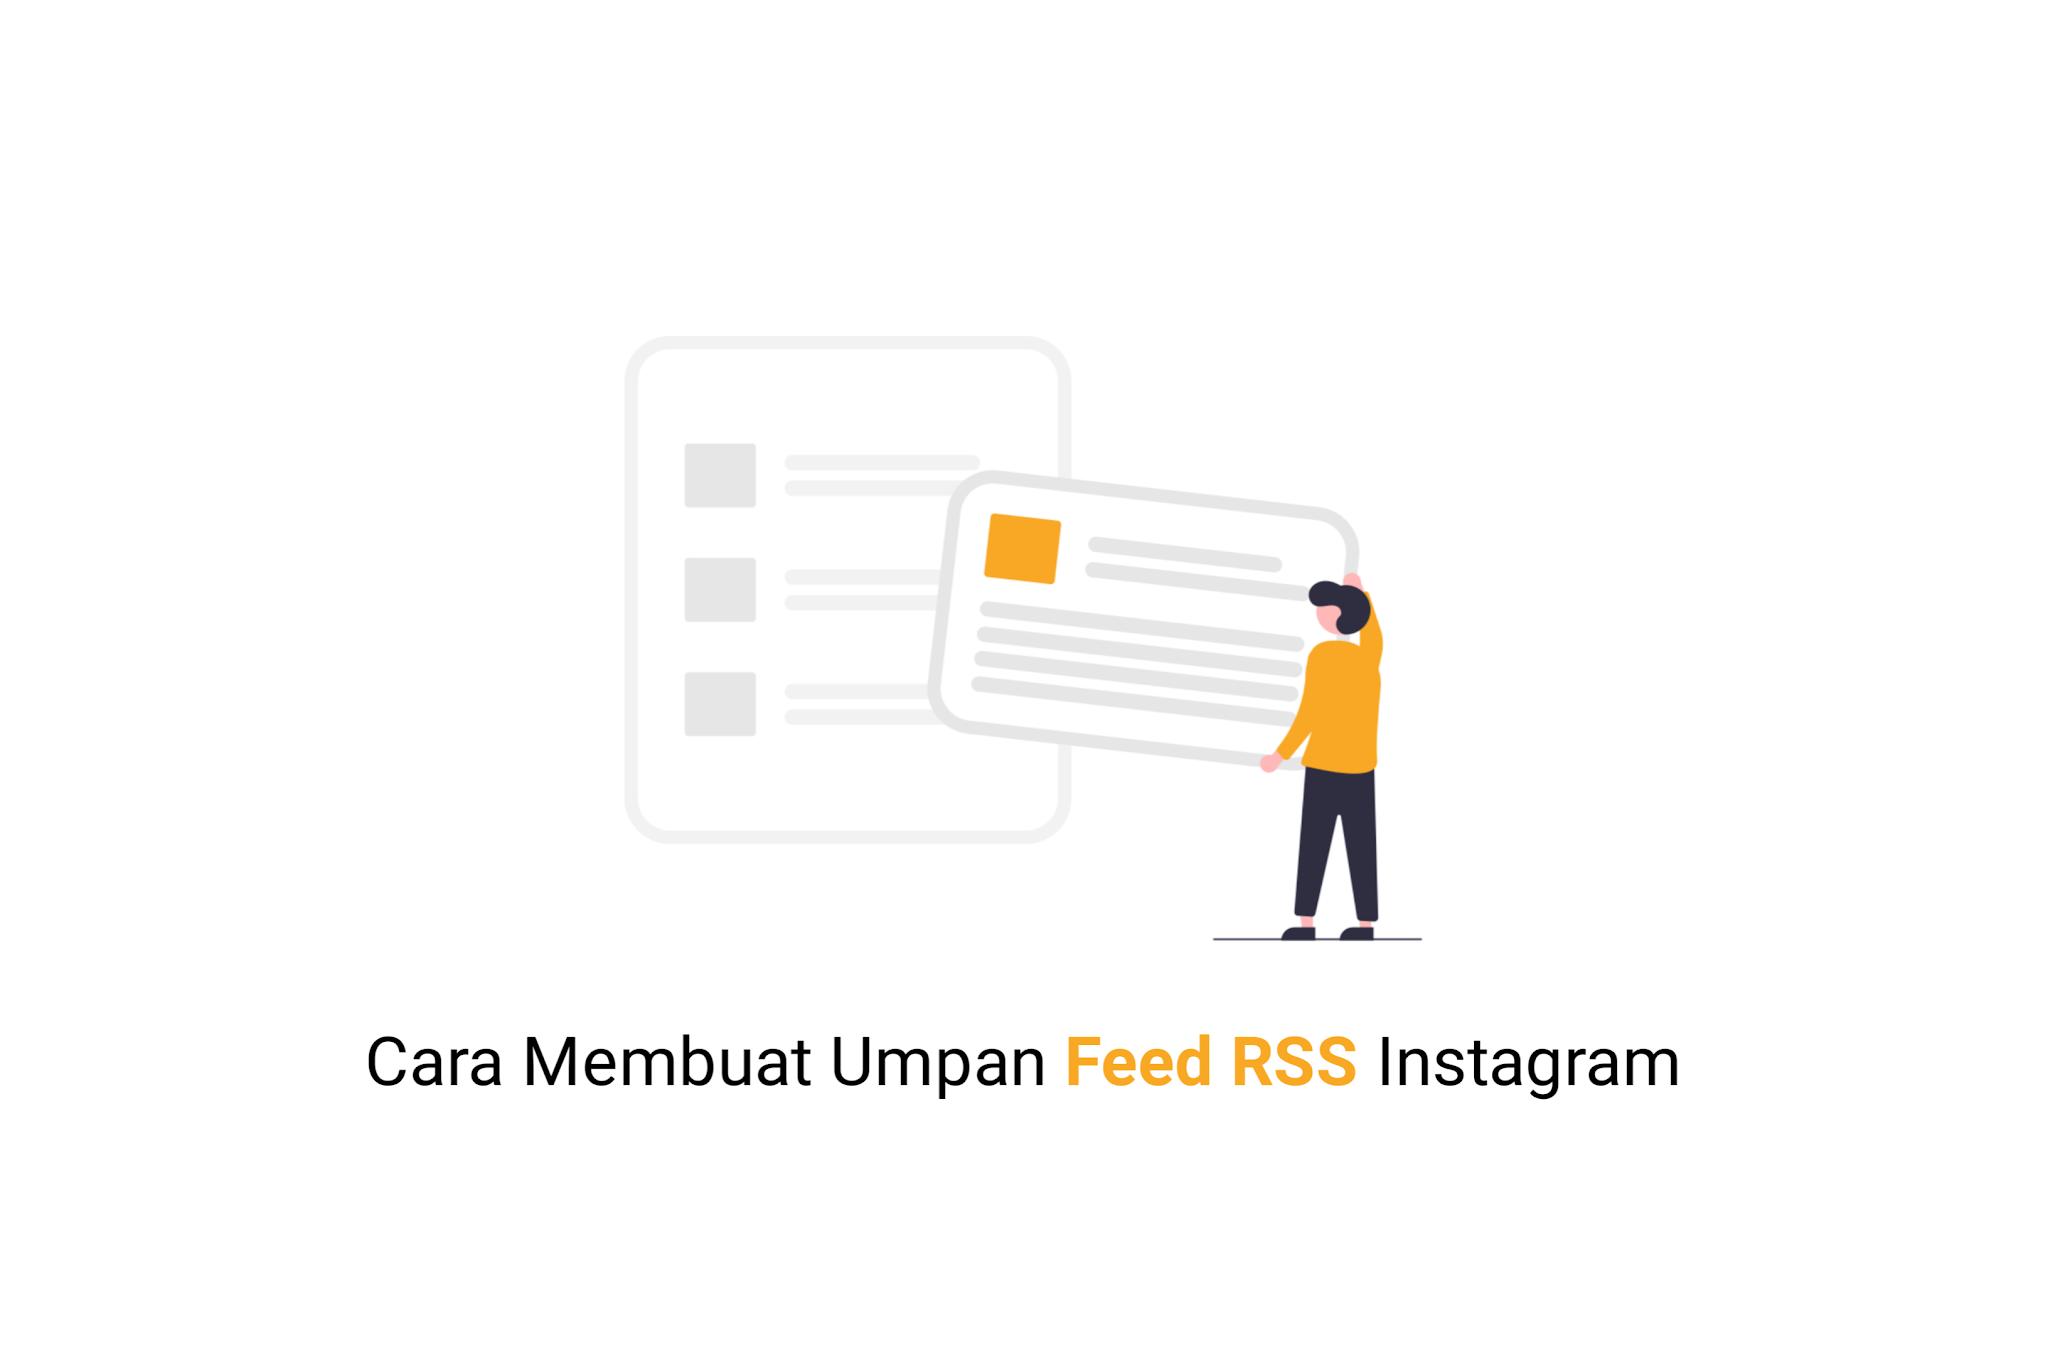 Cara Membuat Umpan Feed RSS Akun Instagram